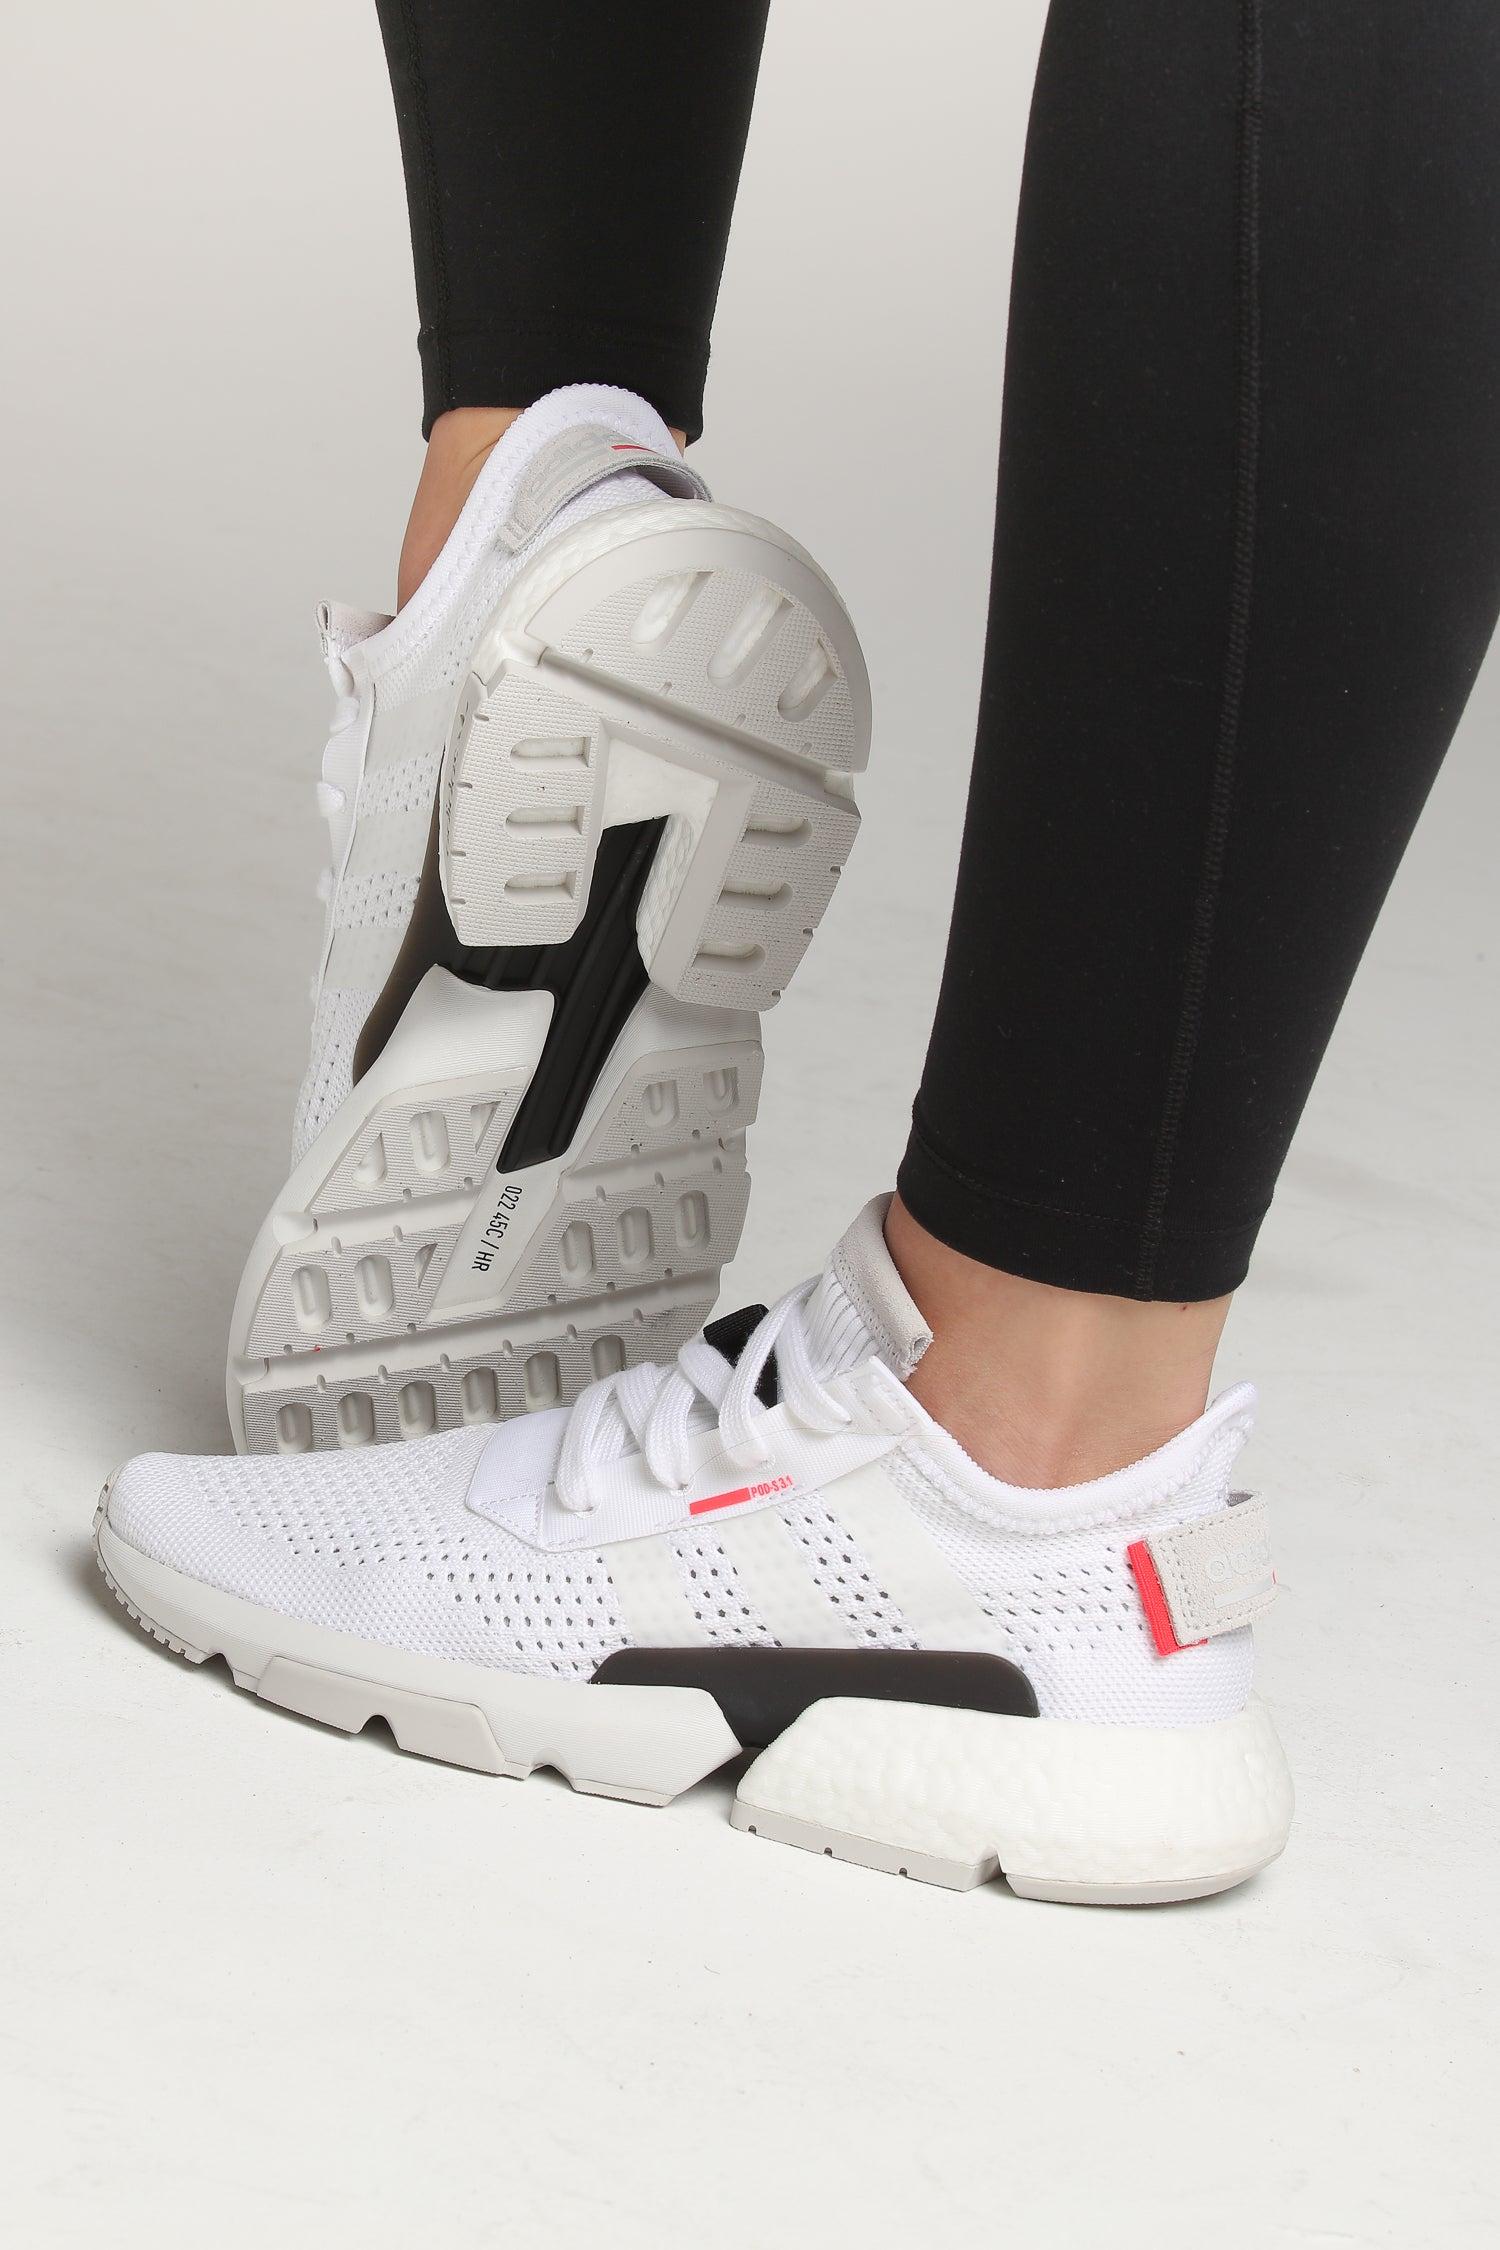 Adidas Women's POD-S3.1 White/White/Red